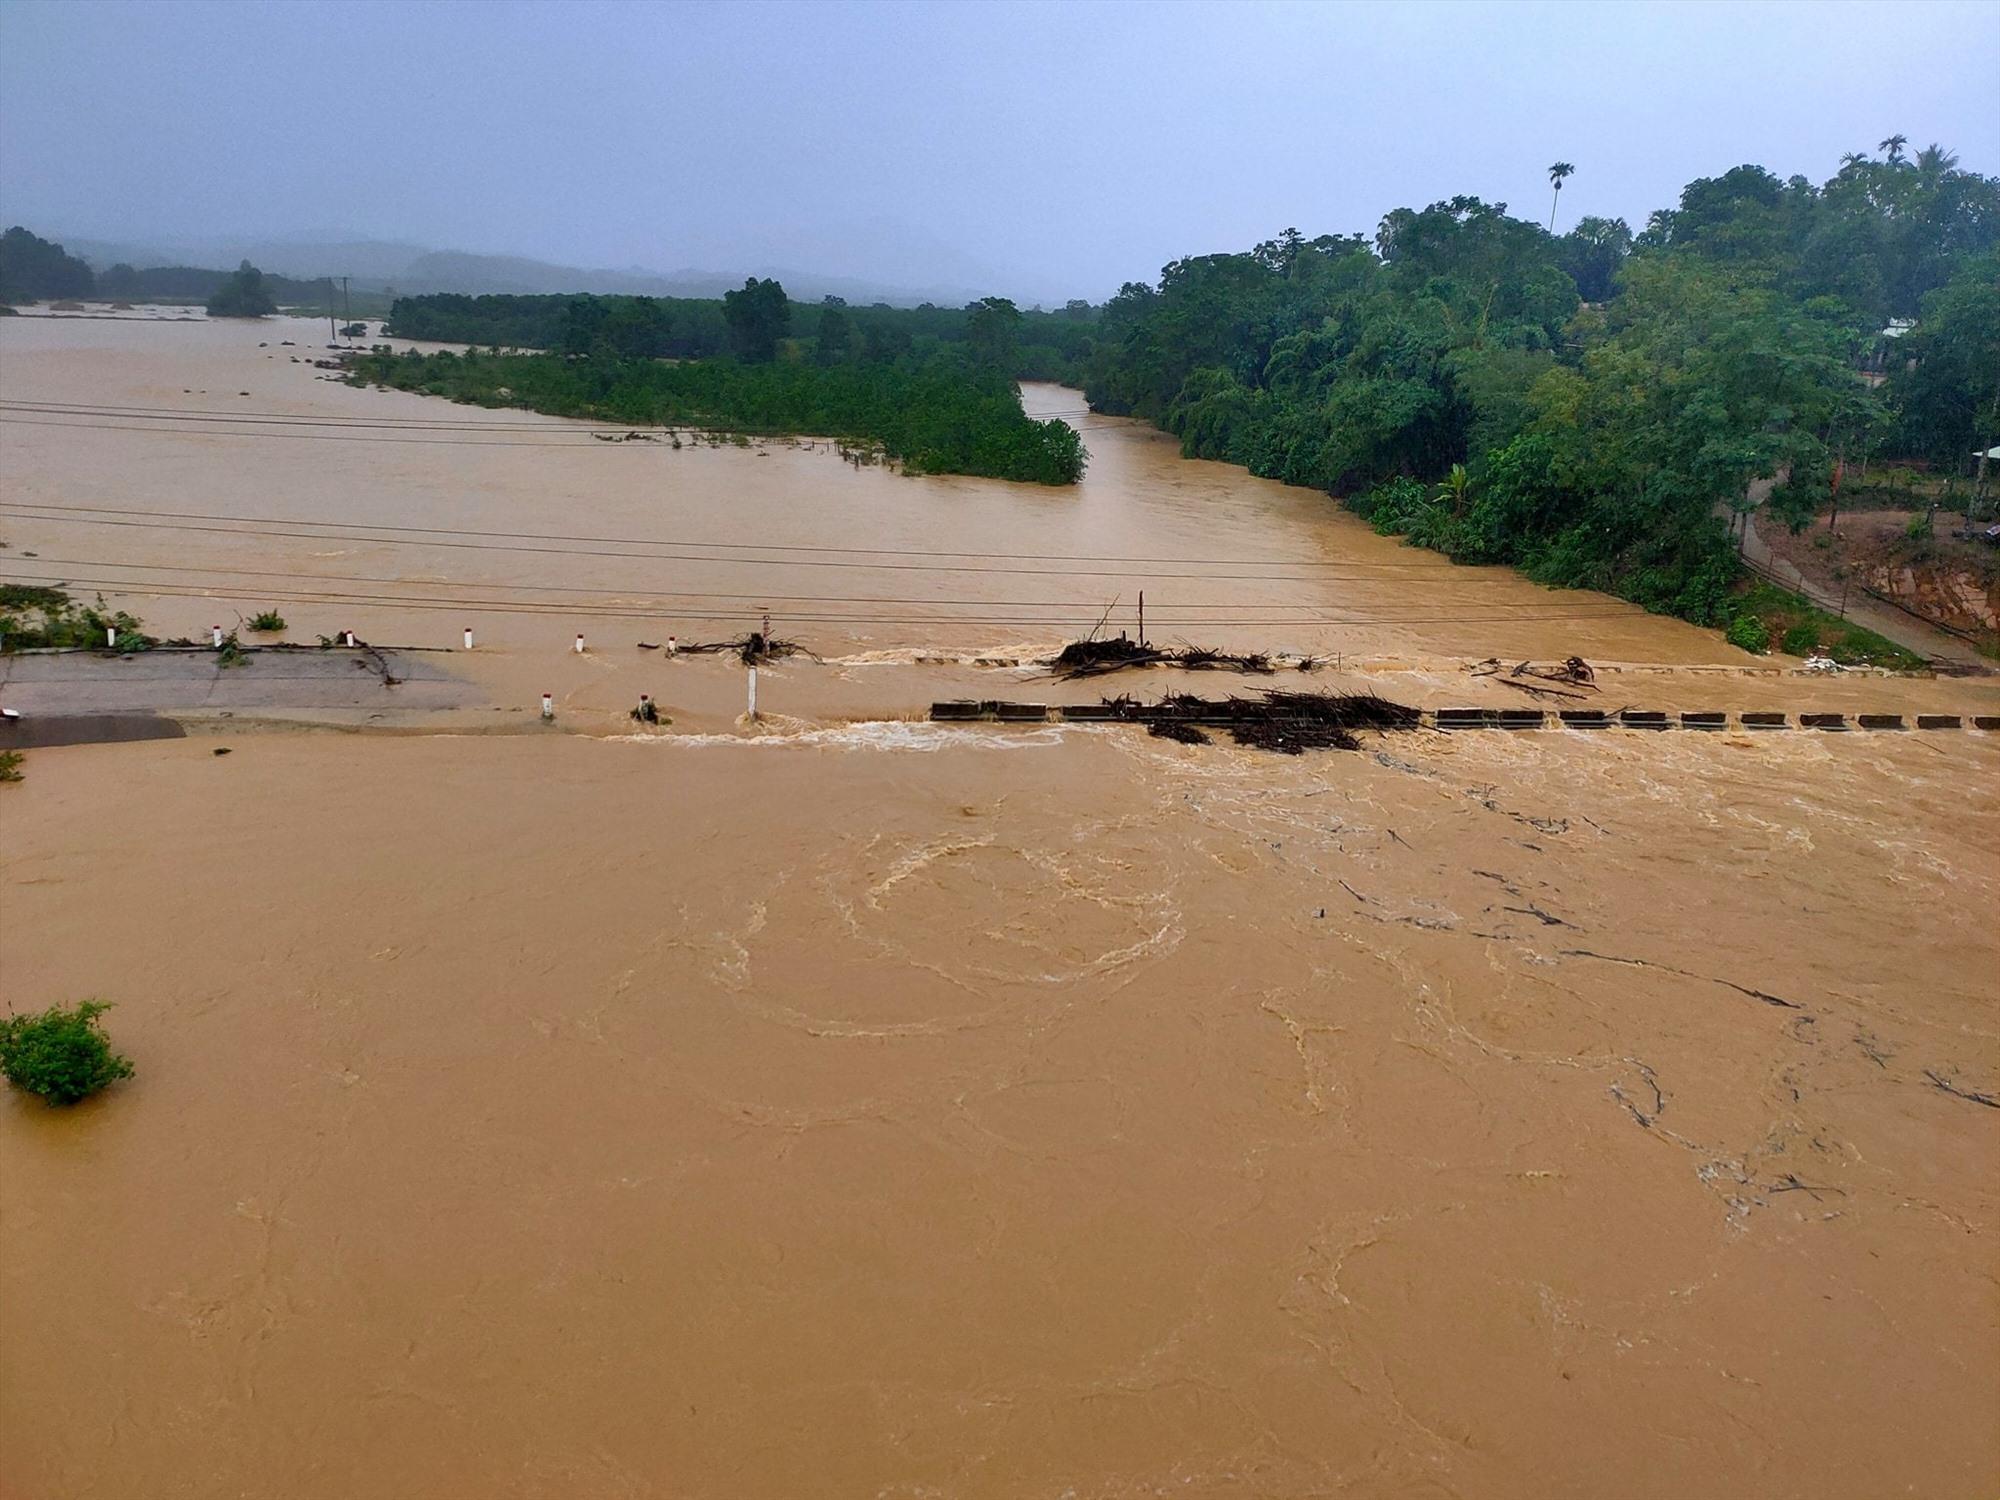 Sáng nay 13.9, tại một số cầu tràn, nước lũ đã rút dần. Ảnh: CTV